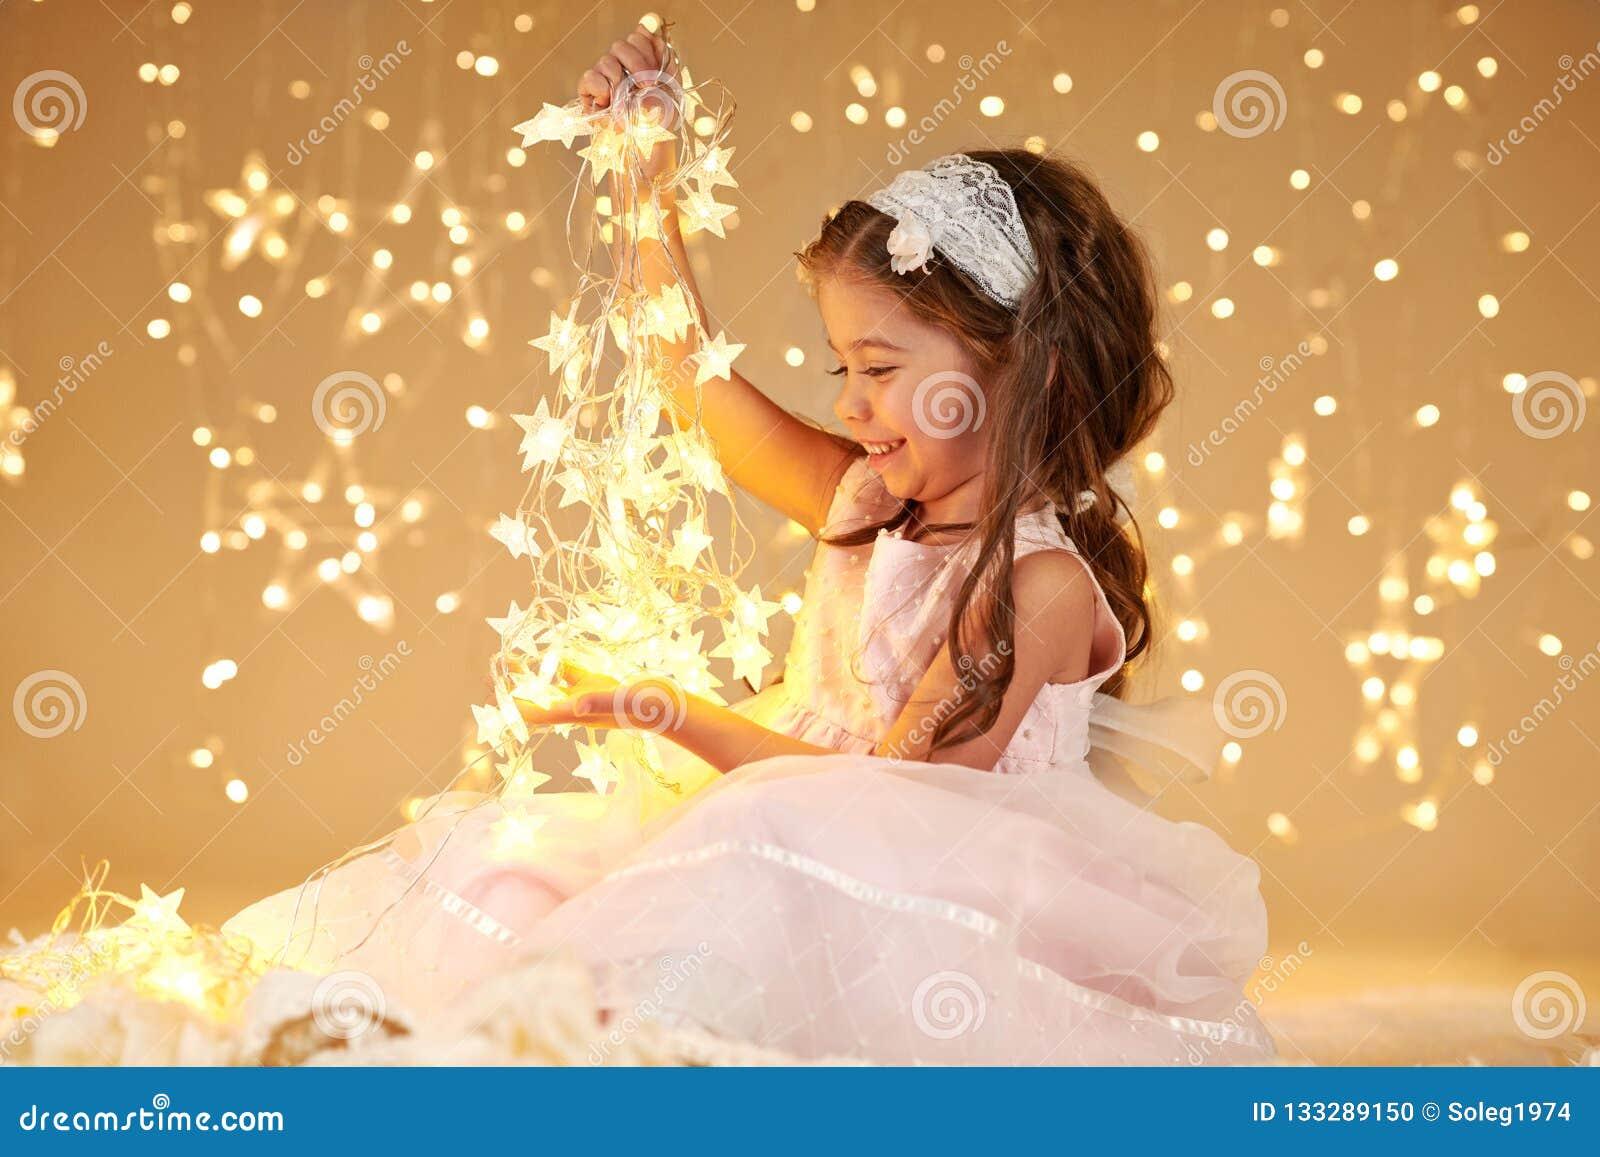 L enfant de fille joue avec des lumières de Noël, fond jaune, robe rose